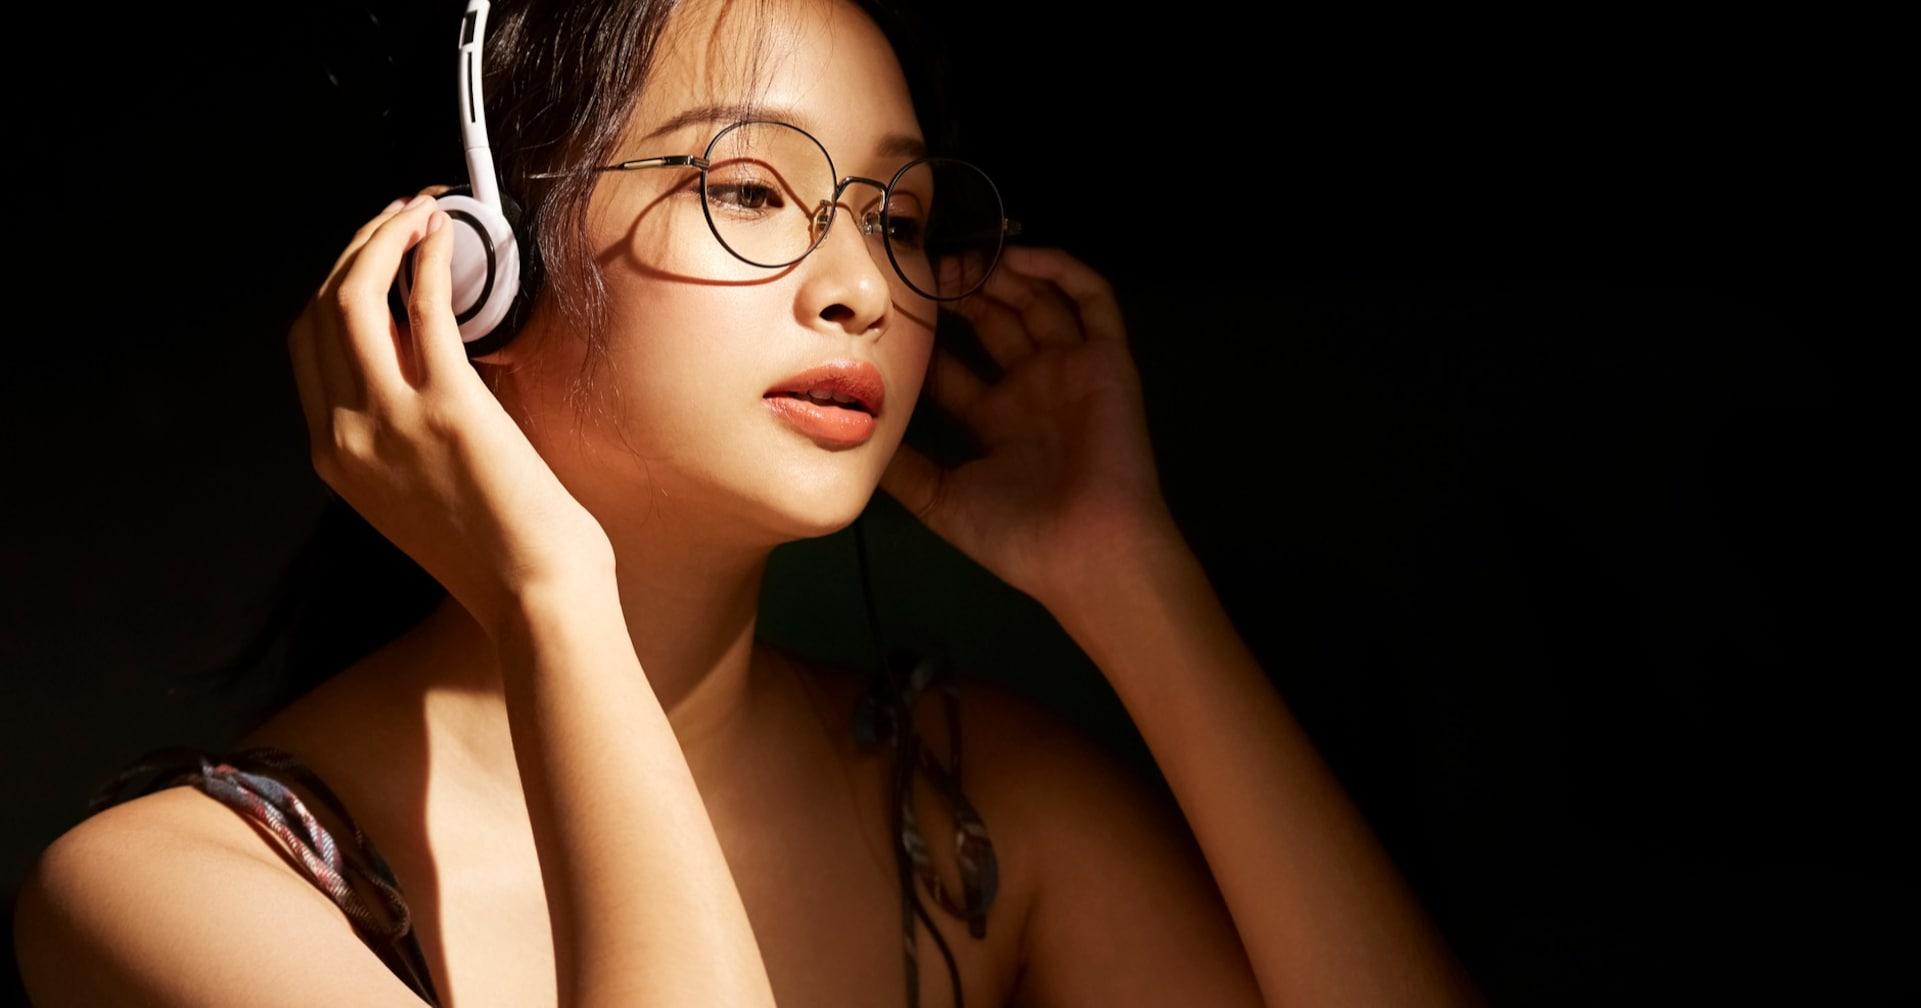 """そういうことか! 宇多田ヒカル『Automatic』MVで""""あの中腰""""の理由に驚き【1999年のヒット曲ベスト5】"""